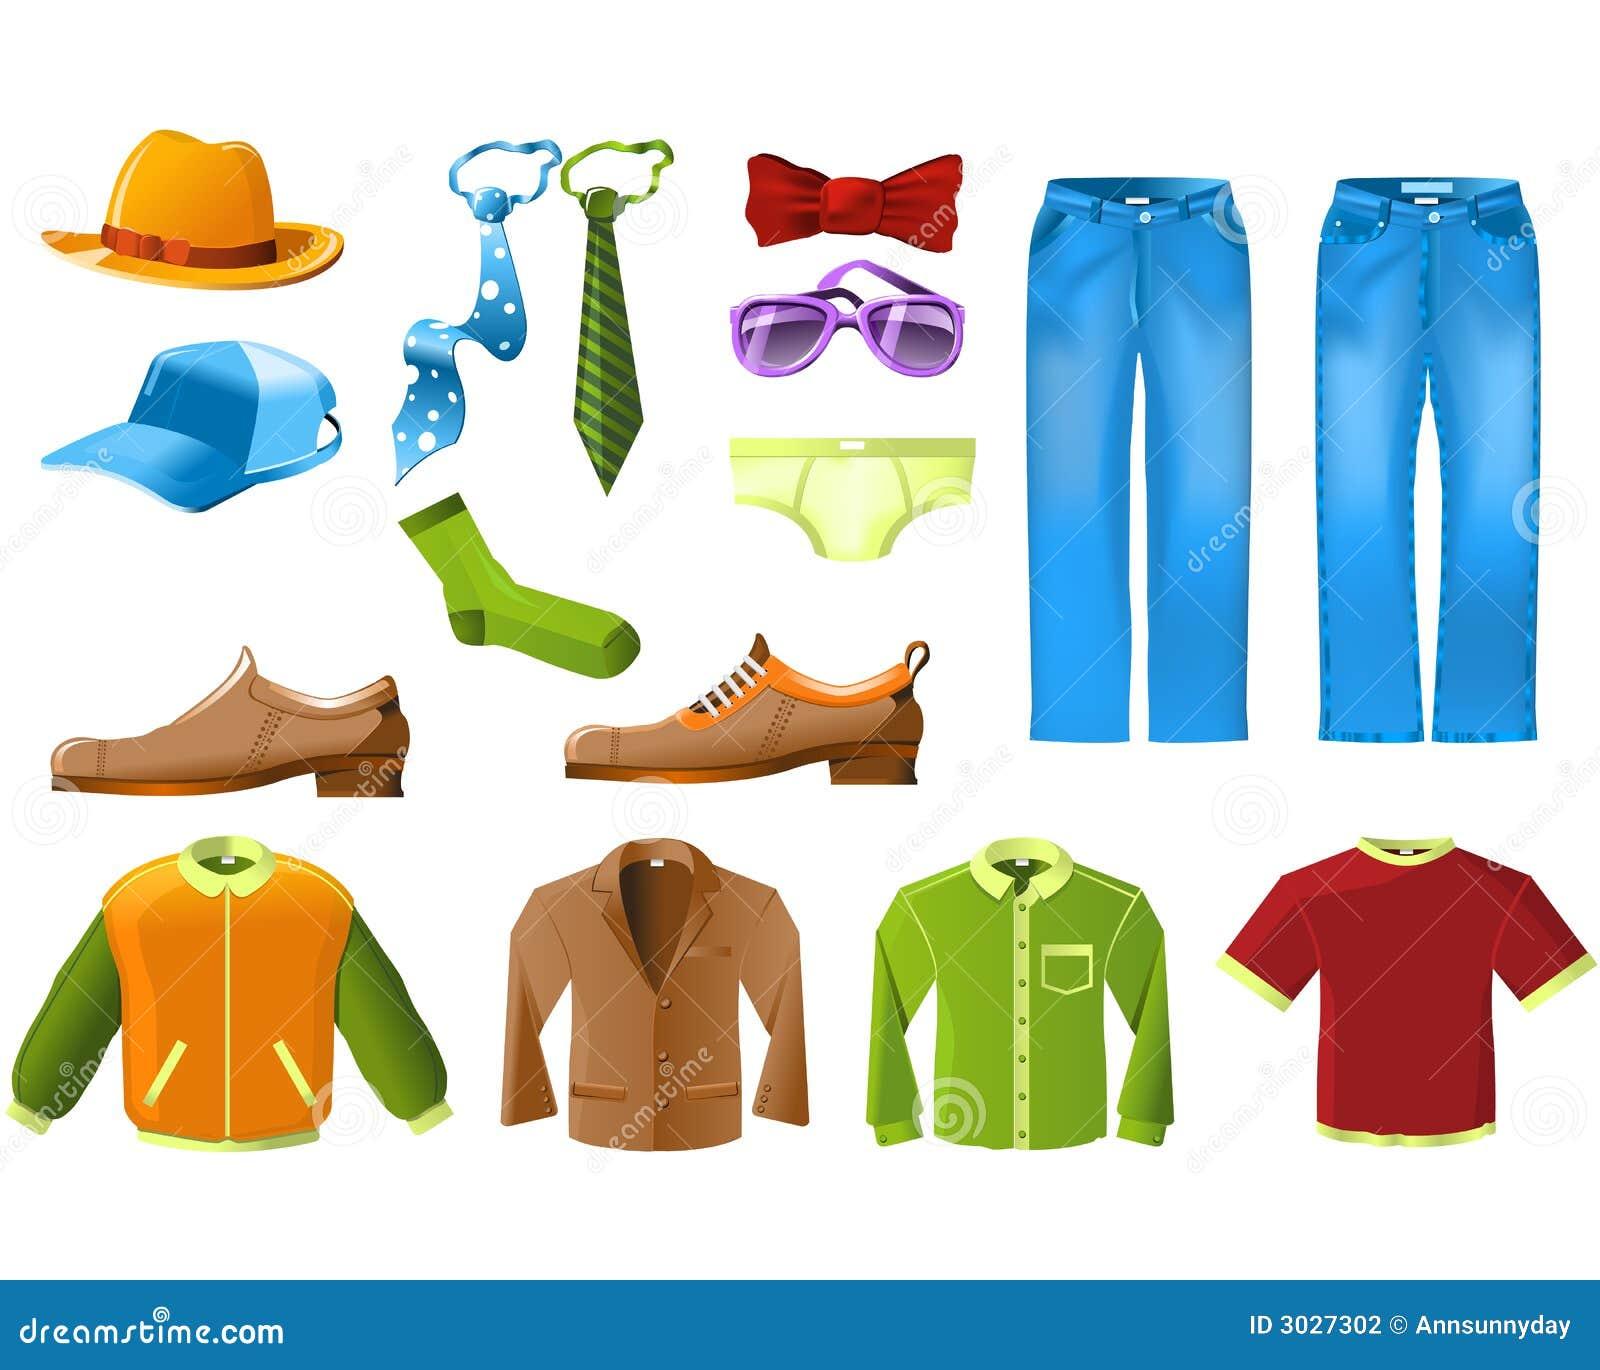 Mannkleidung-Ikonenset